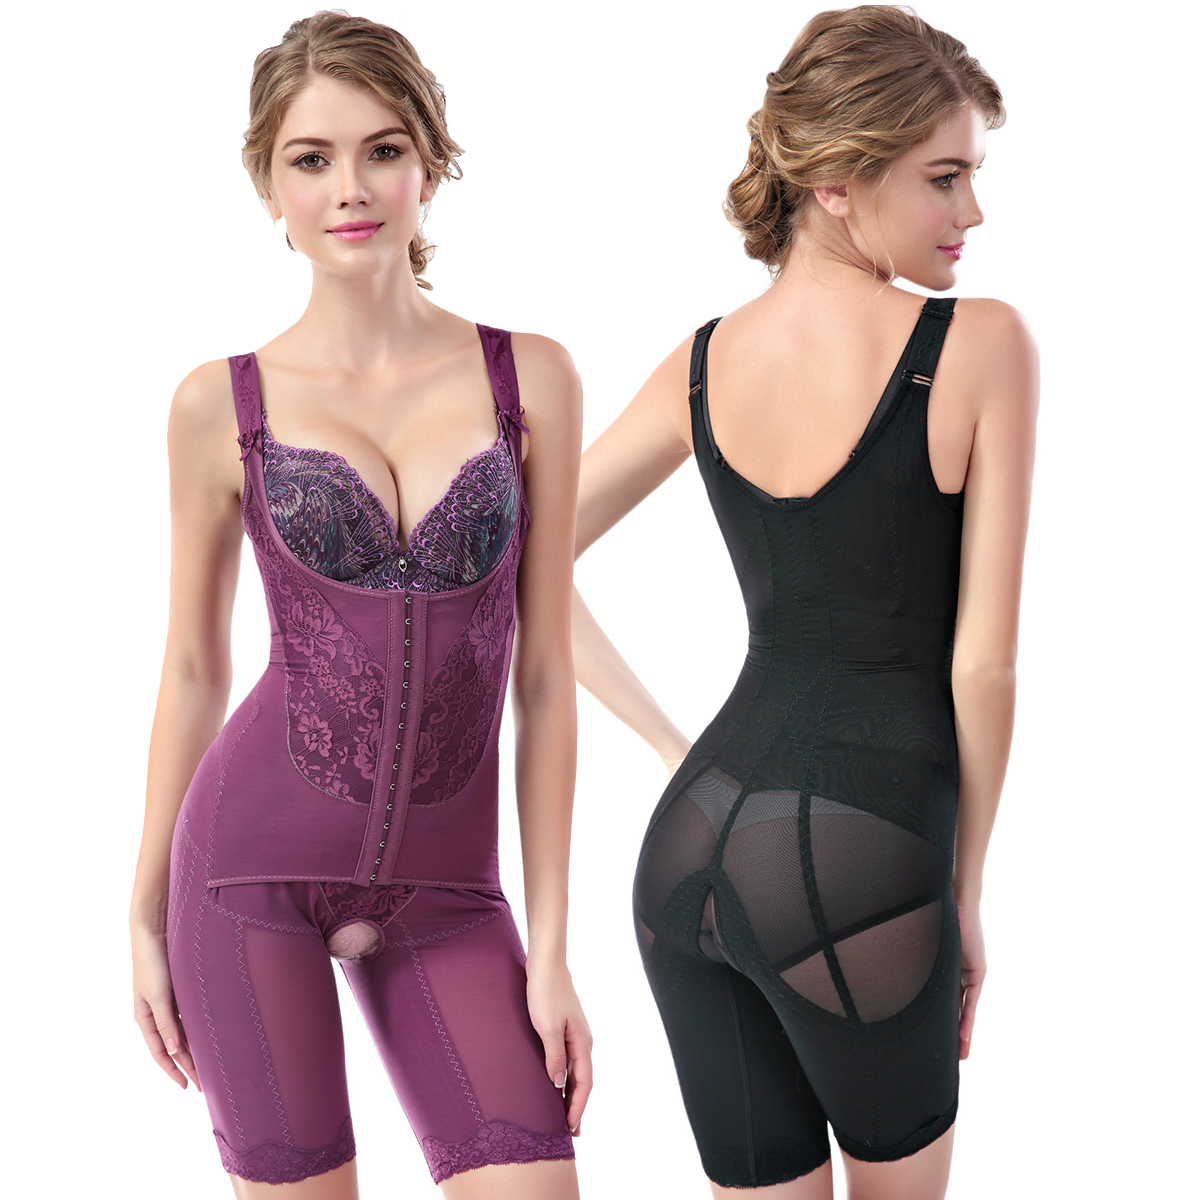 Shaper completo per il corpo Shapewear cinturino per modellare le donne controllo della pancia intimo dimagrante vita senza cuciture Shaper modellante Butt Lifer corsetto 2